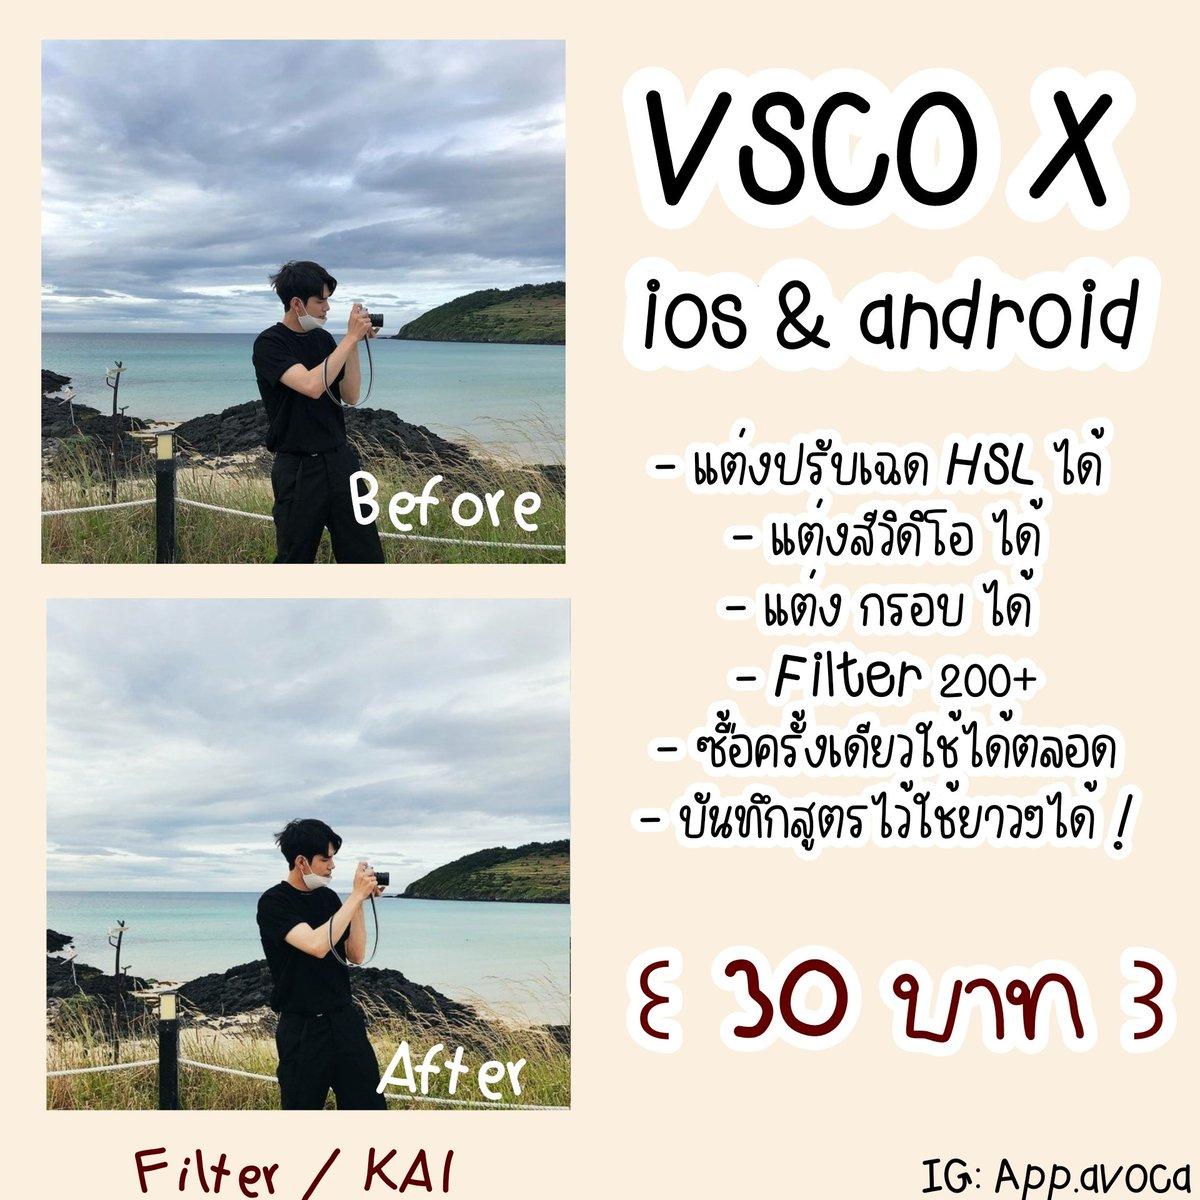 แอพ Vsco แต่งโทนกล้องฟิล์มสวยมากๆ ♡⃕ ⌇รับปลดล็อค vsco x 30฿  •android & ios•  🎄สนใจแอดไลน์ @tlw4067d ตอบเร็วน้าา   #vsco #vscocam  #คุมโทน #คุมโทนไอจี #แอพแต่งรูป #แอพดีบอกต่อ  #สอนแต่งรูปlightroom #ปลดล็อคvscox #vscox #howtoperfect